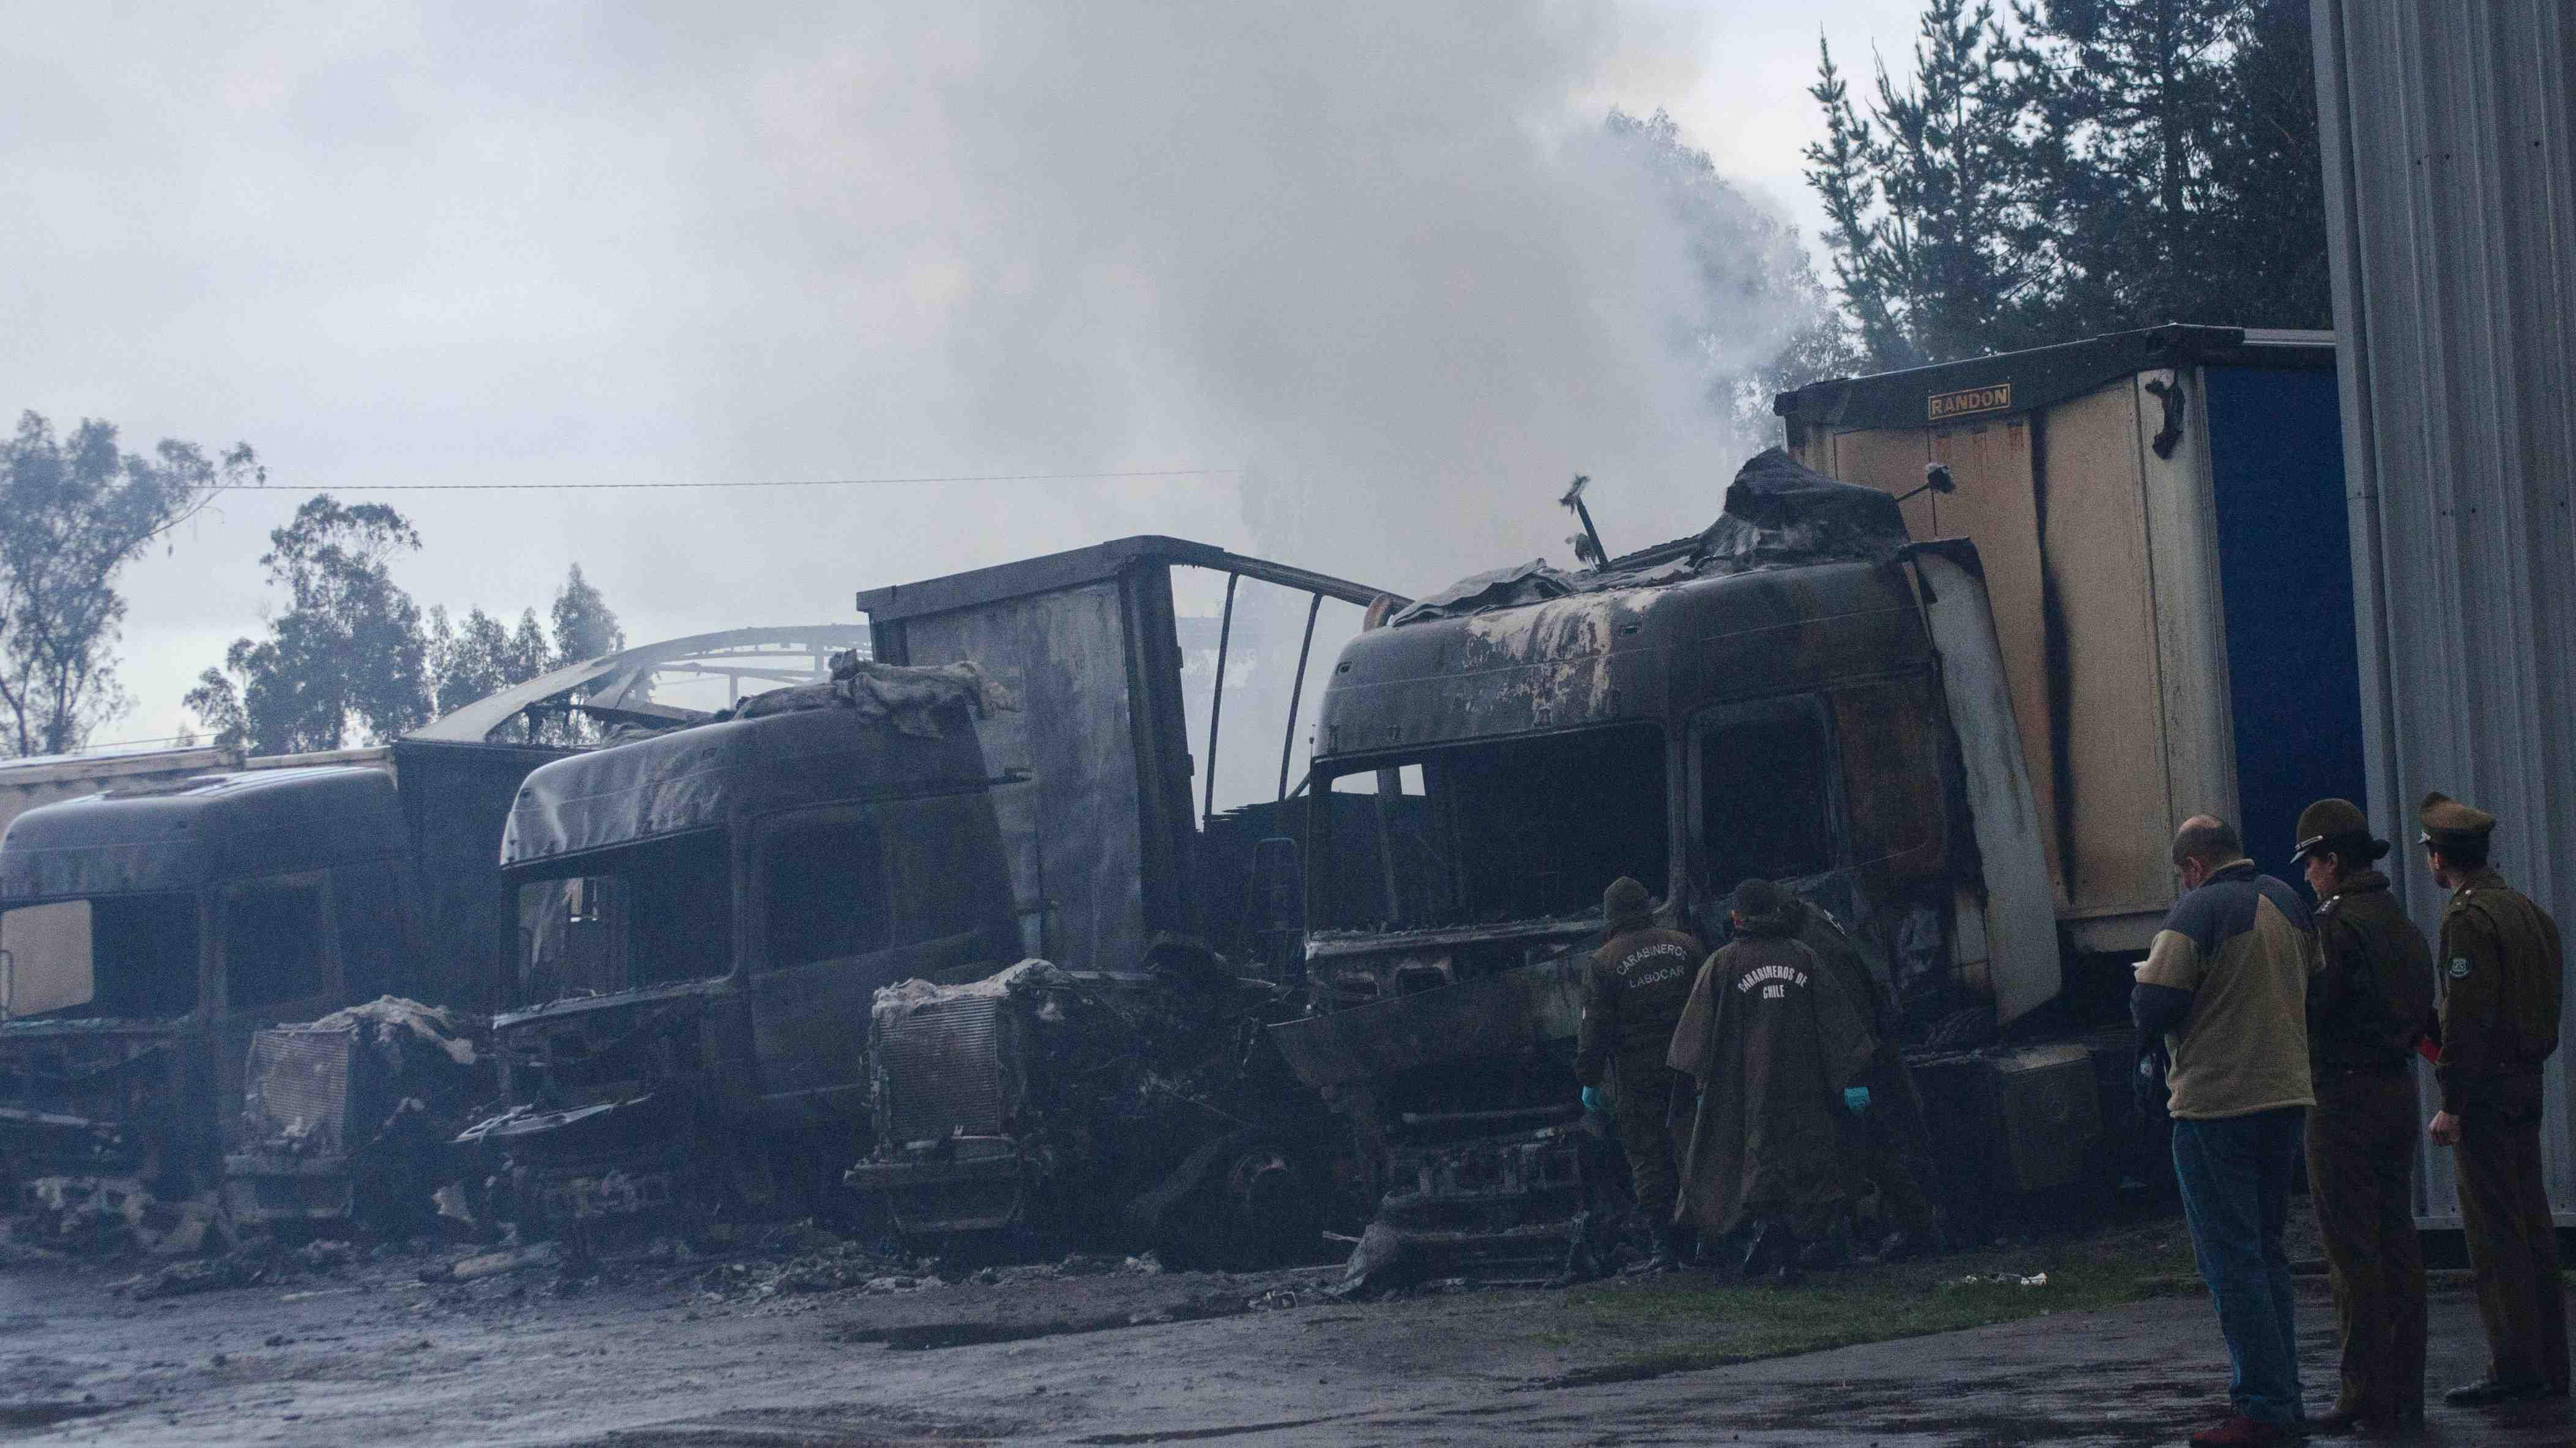 Ataque incendiario deja 18 camiones quemados en La Araucanía. ¿Delito común o terrorismo?